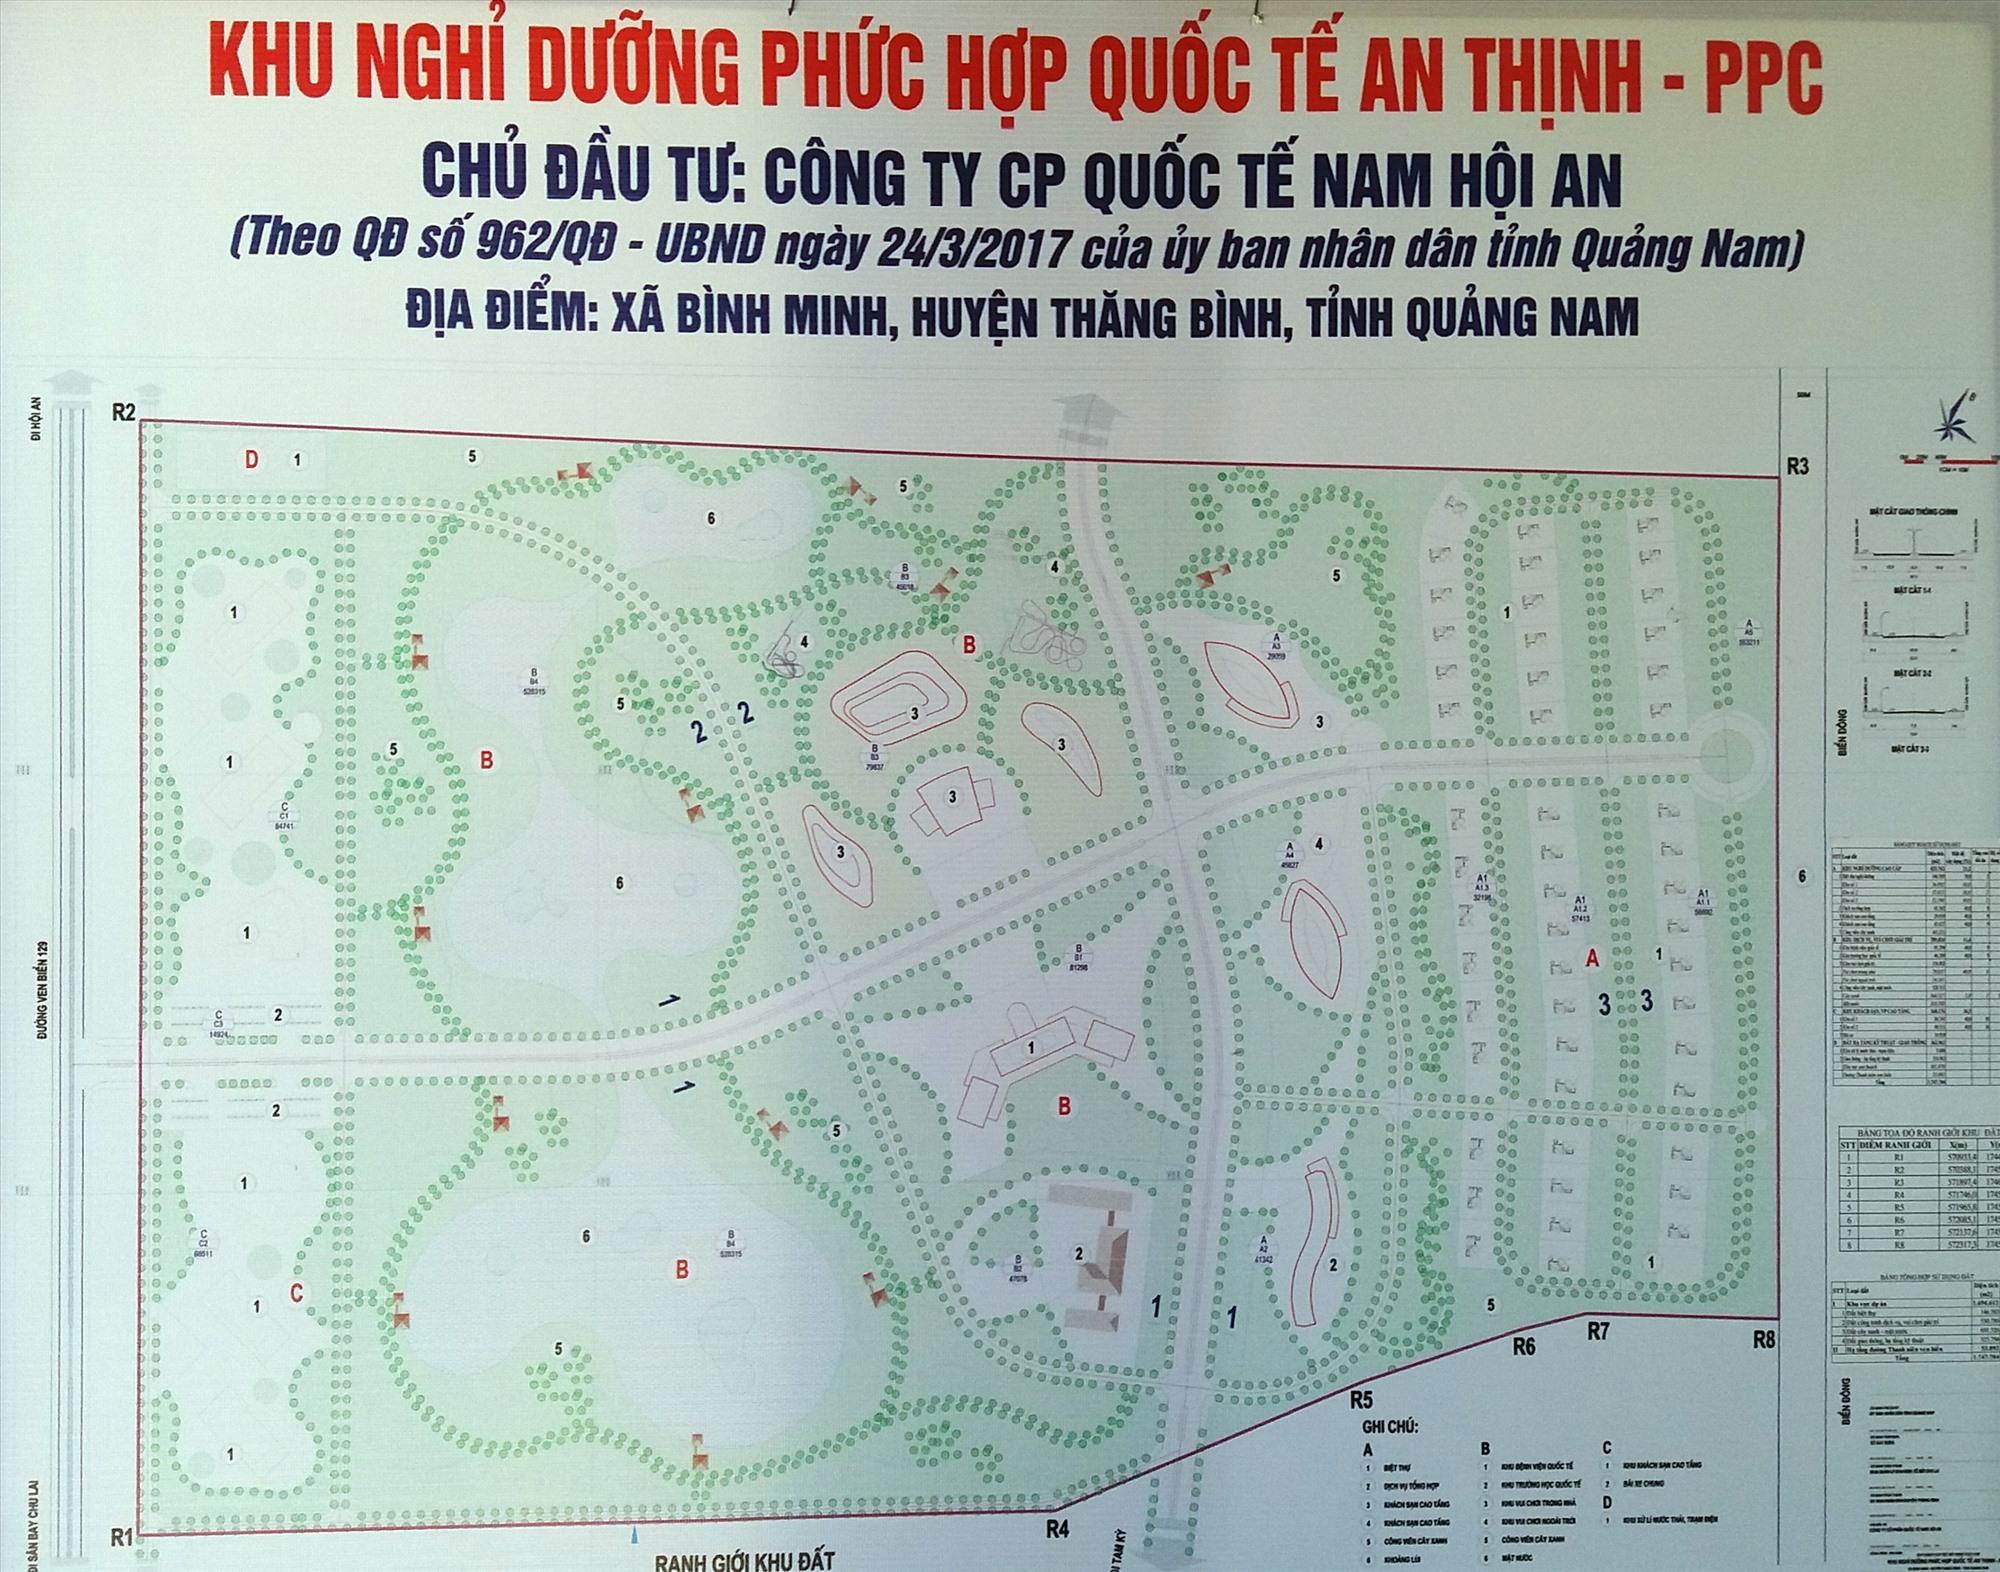 Quảng Nam khai tử dự án Khu phức hợp quốc tế An Thịnh - PPC 4.300 tỷ đồng để tìm nhà đầu tư mới - Ảnh 1.